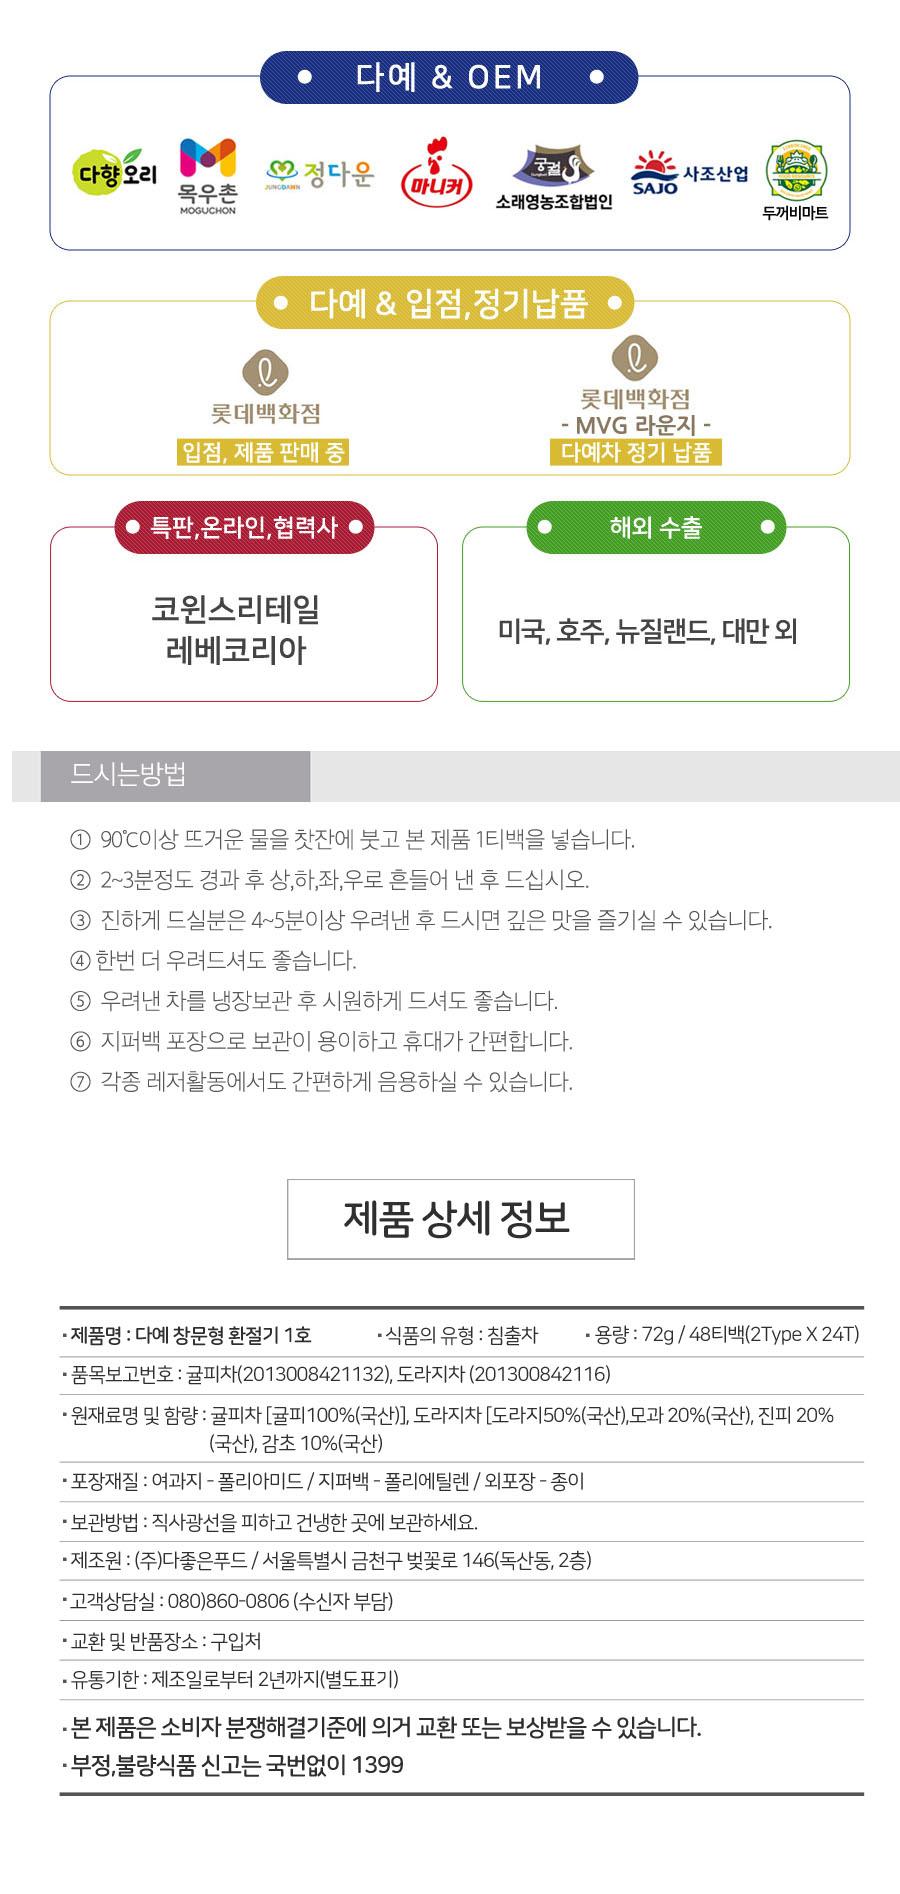 창문형 환절기 1호